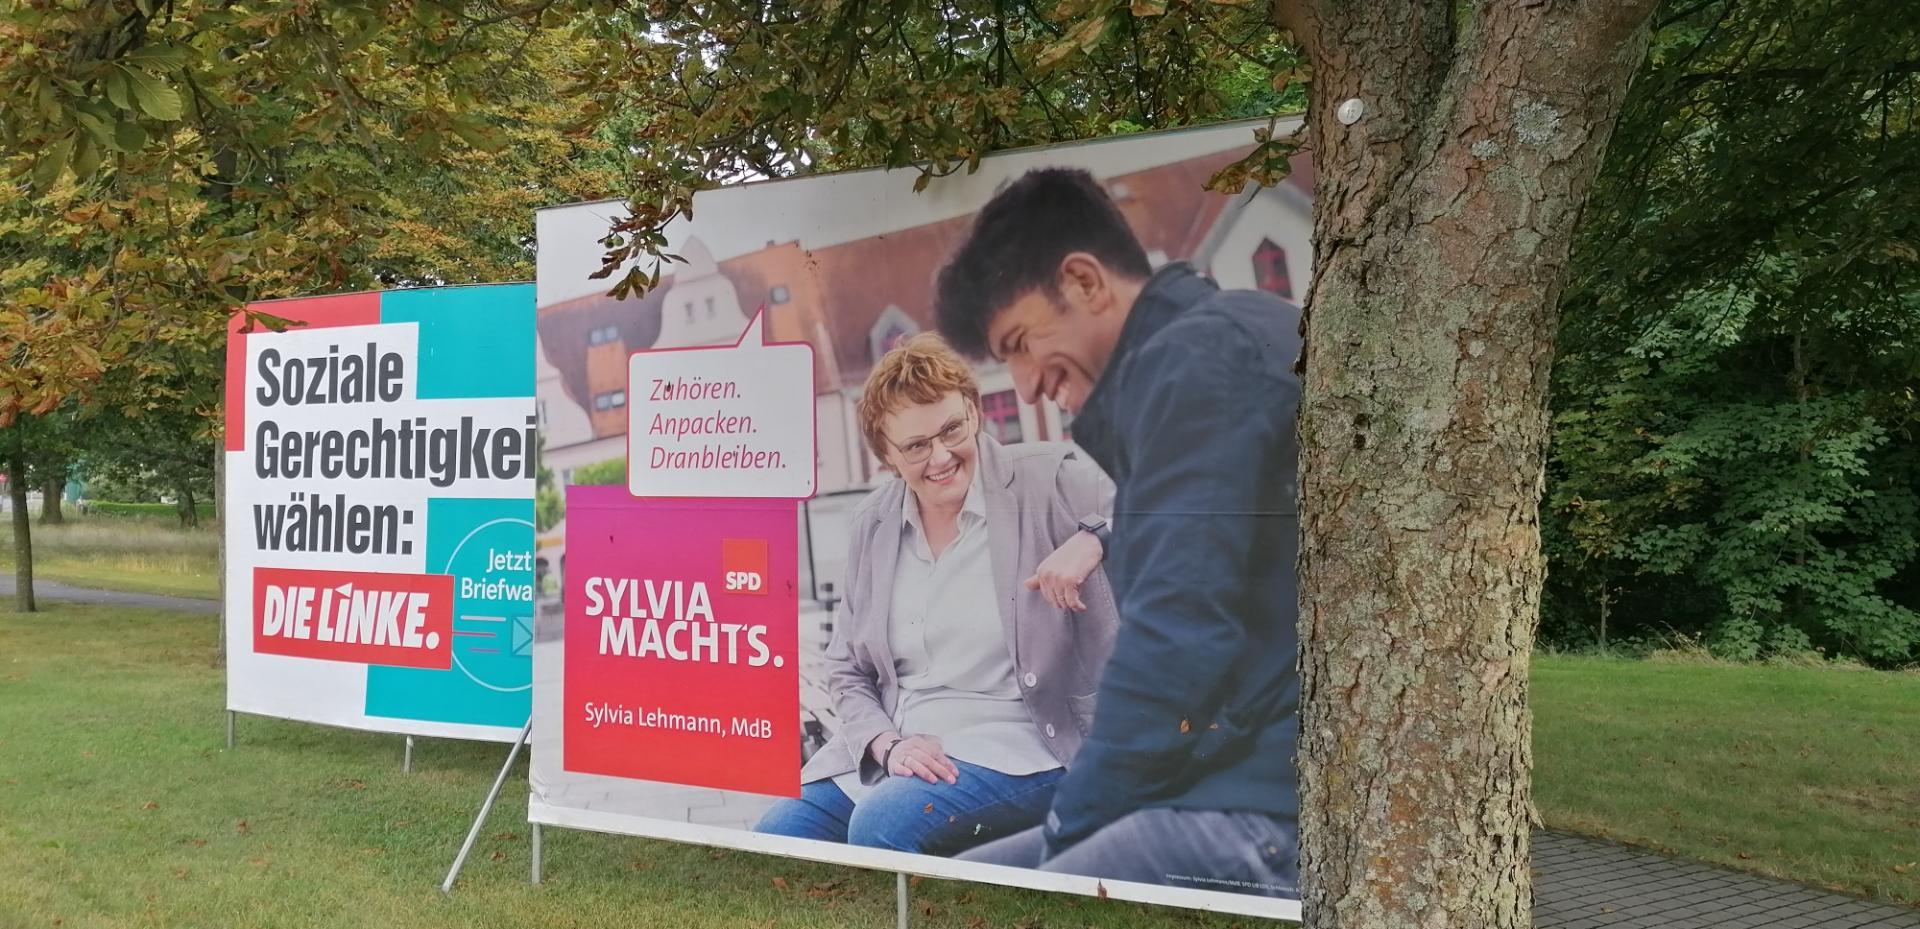 Großflächenplakate der SPD und der Linken. Foto: Dörthe Ziemer